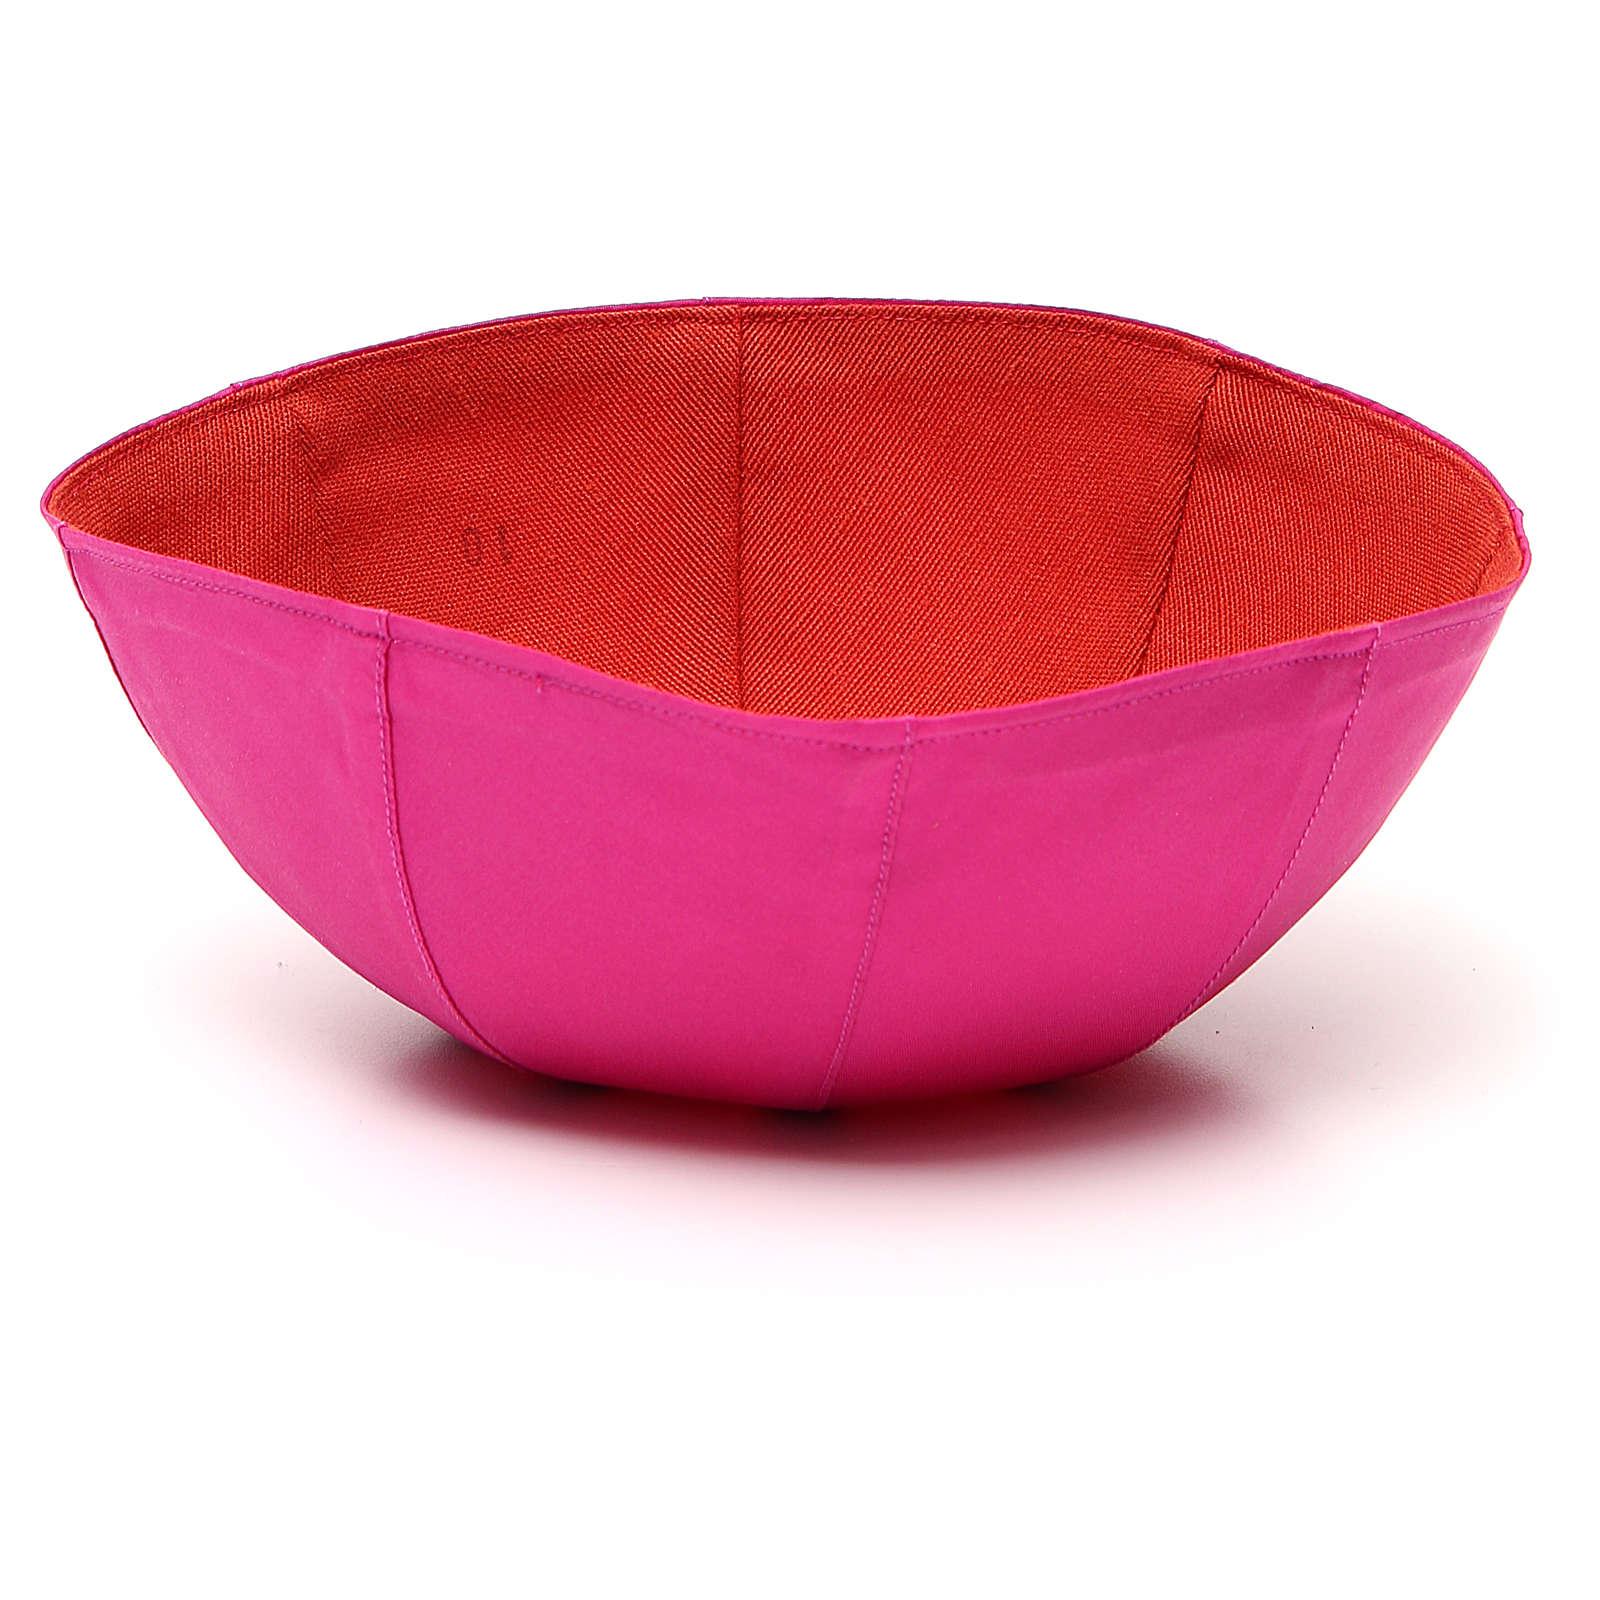 Solideo de pura seda color morado | venta online en HOLYART